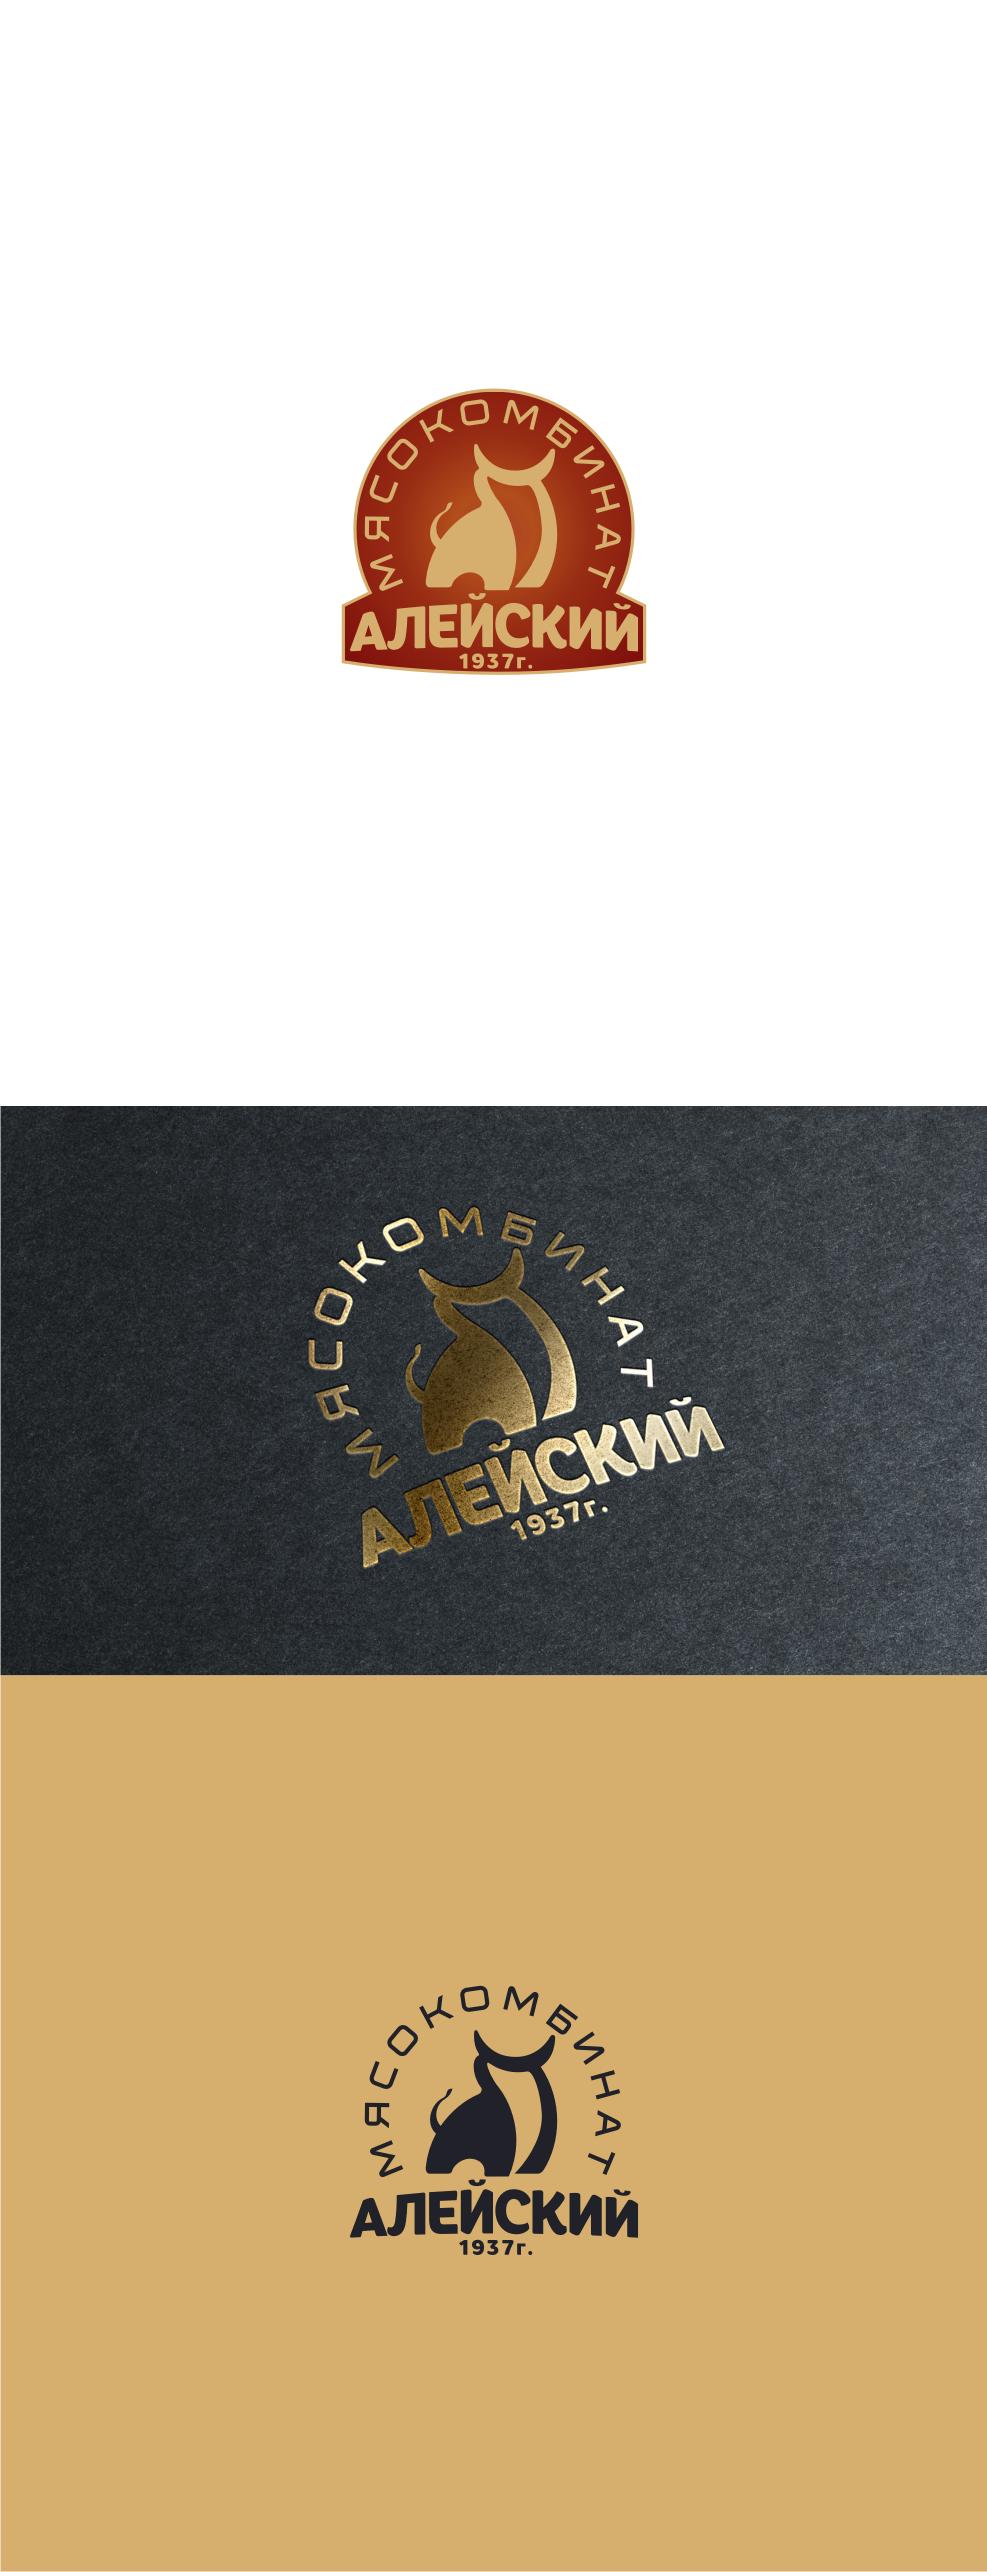 """Разработака логотипа для ООО """"Алейский мясокомбинат"""" фото f_7985b1f8f6e5de99.png"""